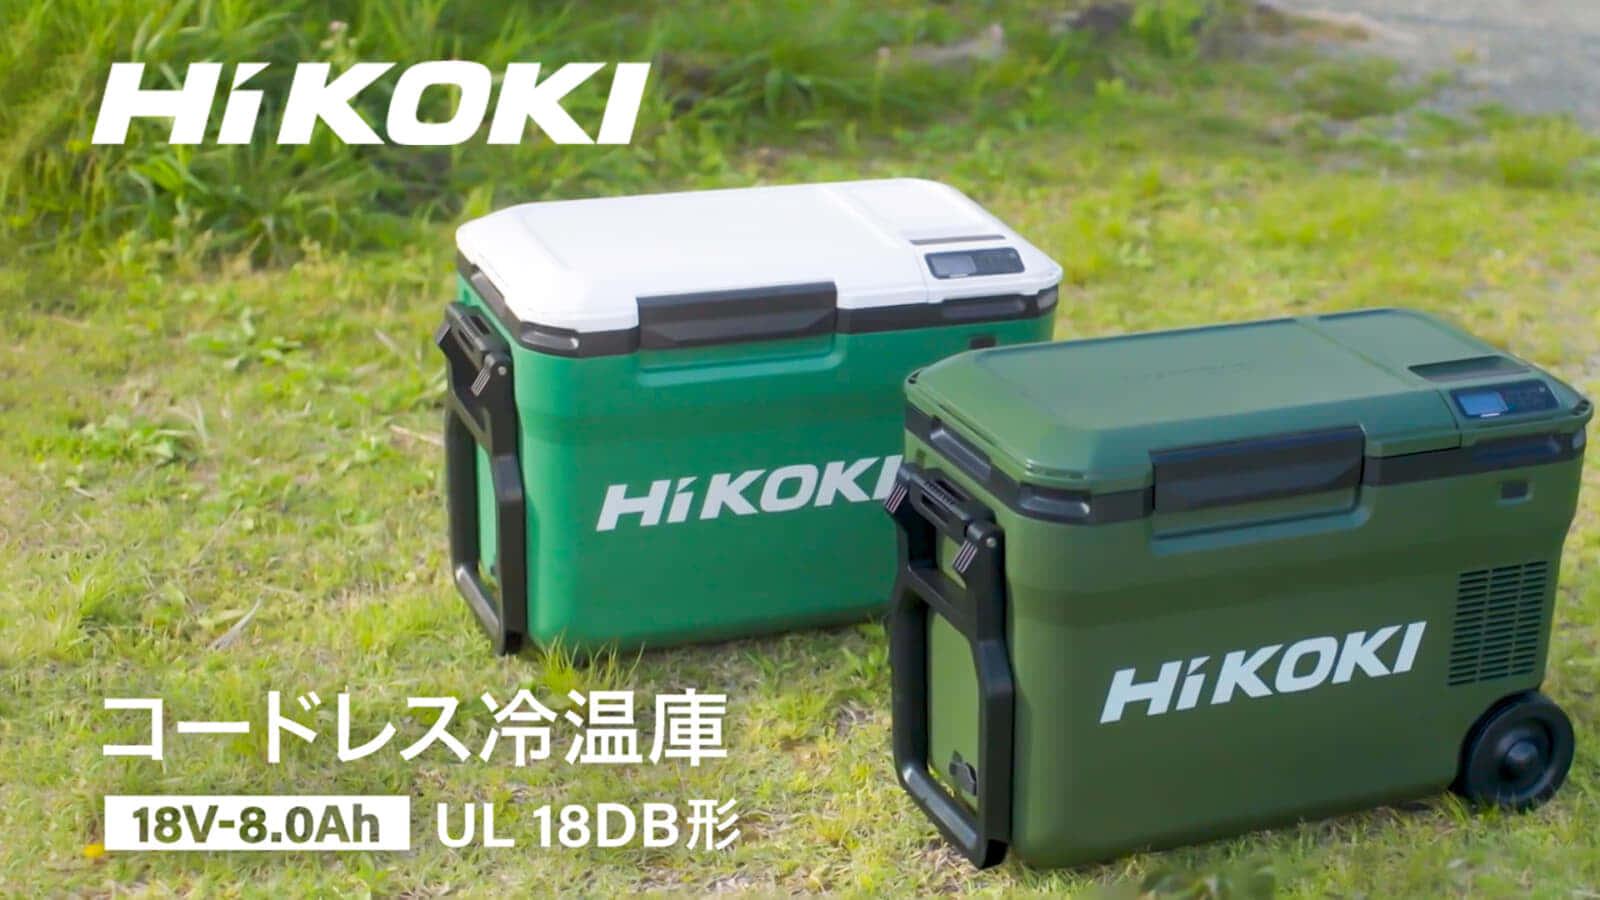 HiKOKI UL18DB 冷温庫を発売、業界初の2部屋モードを搭載